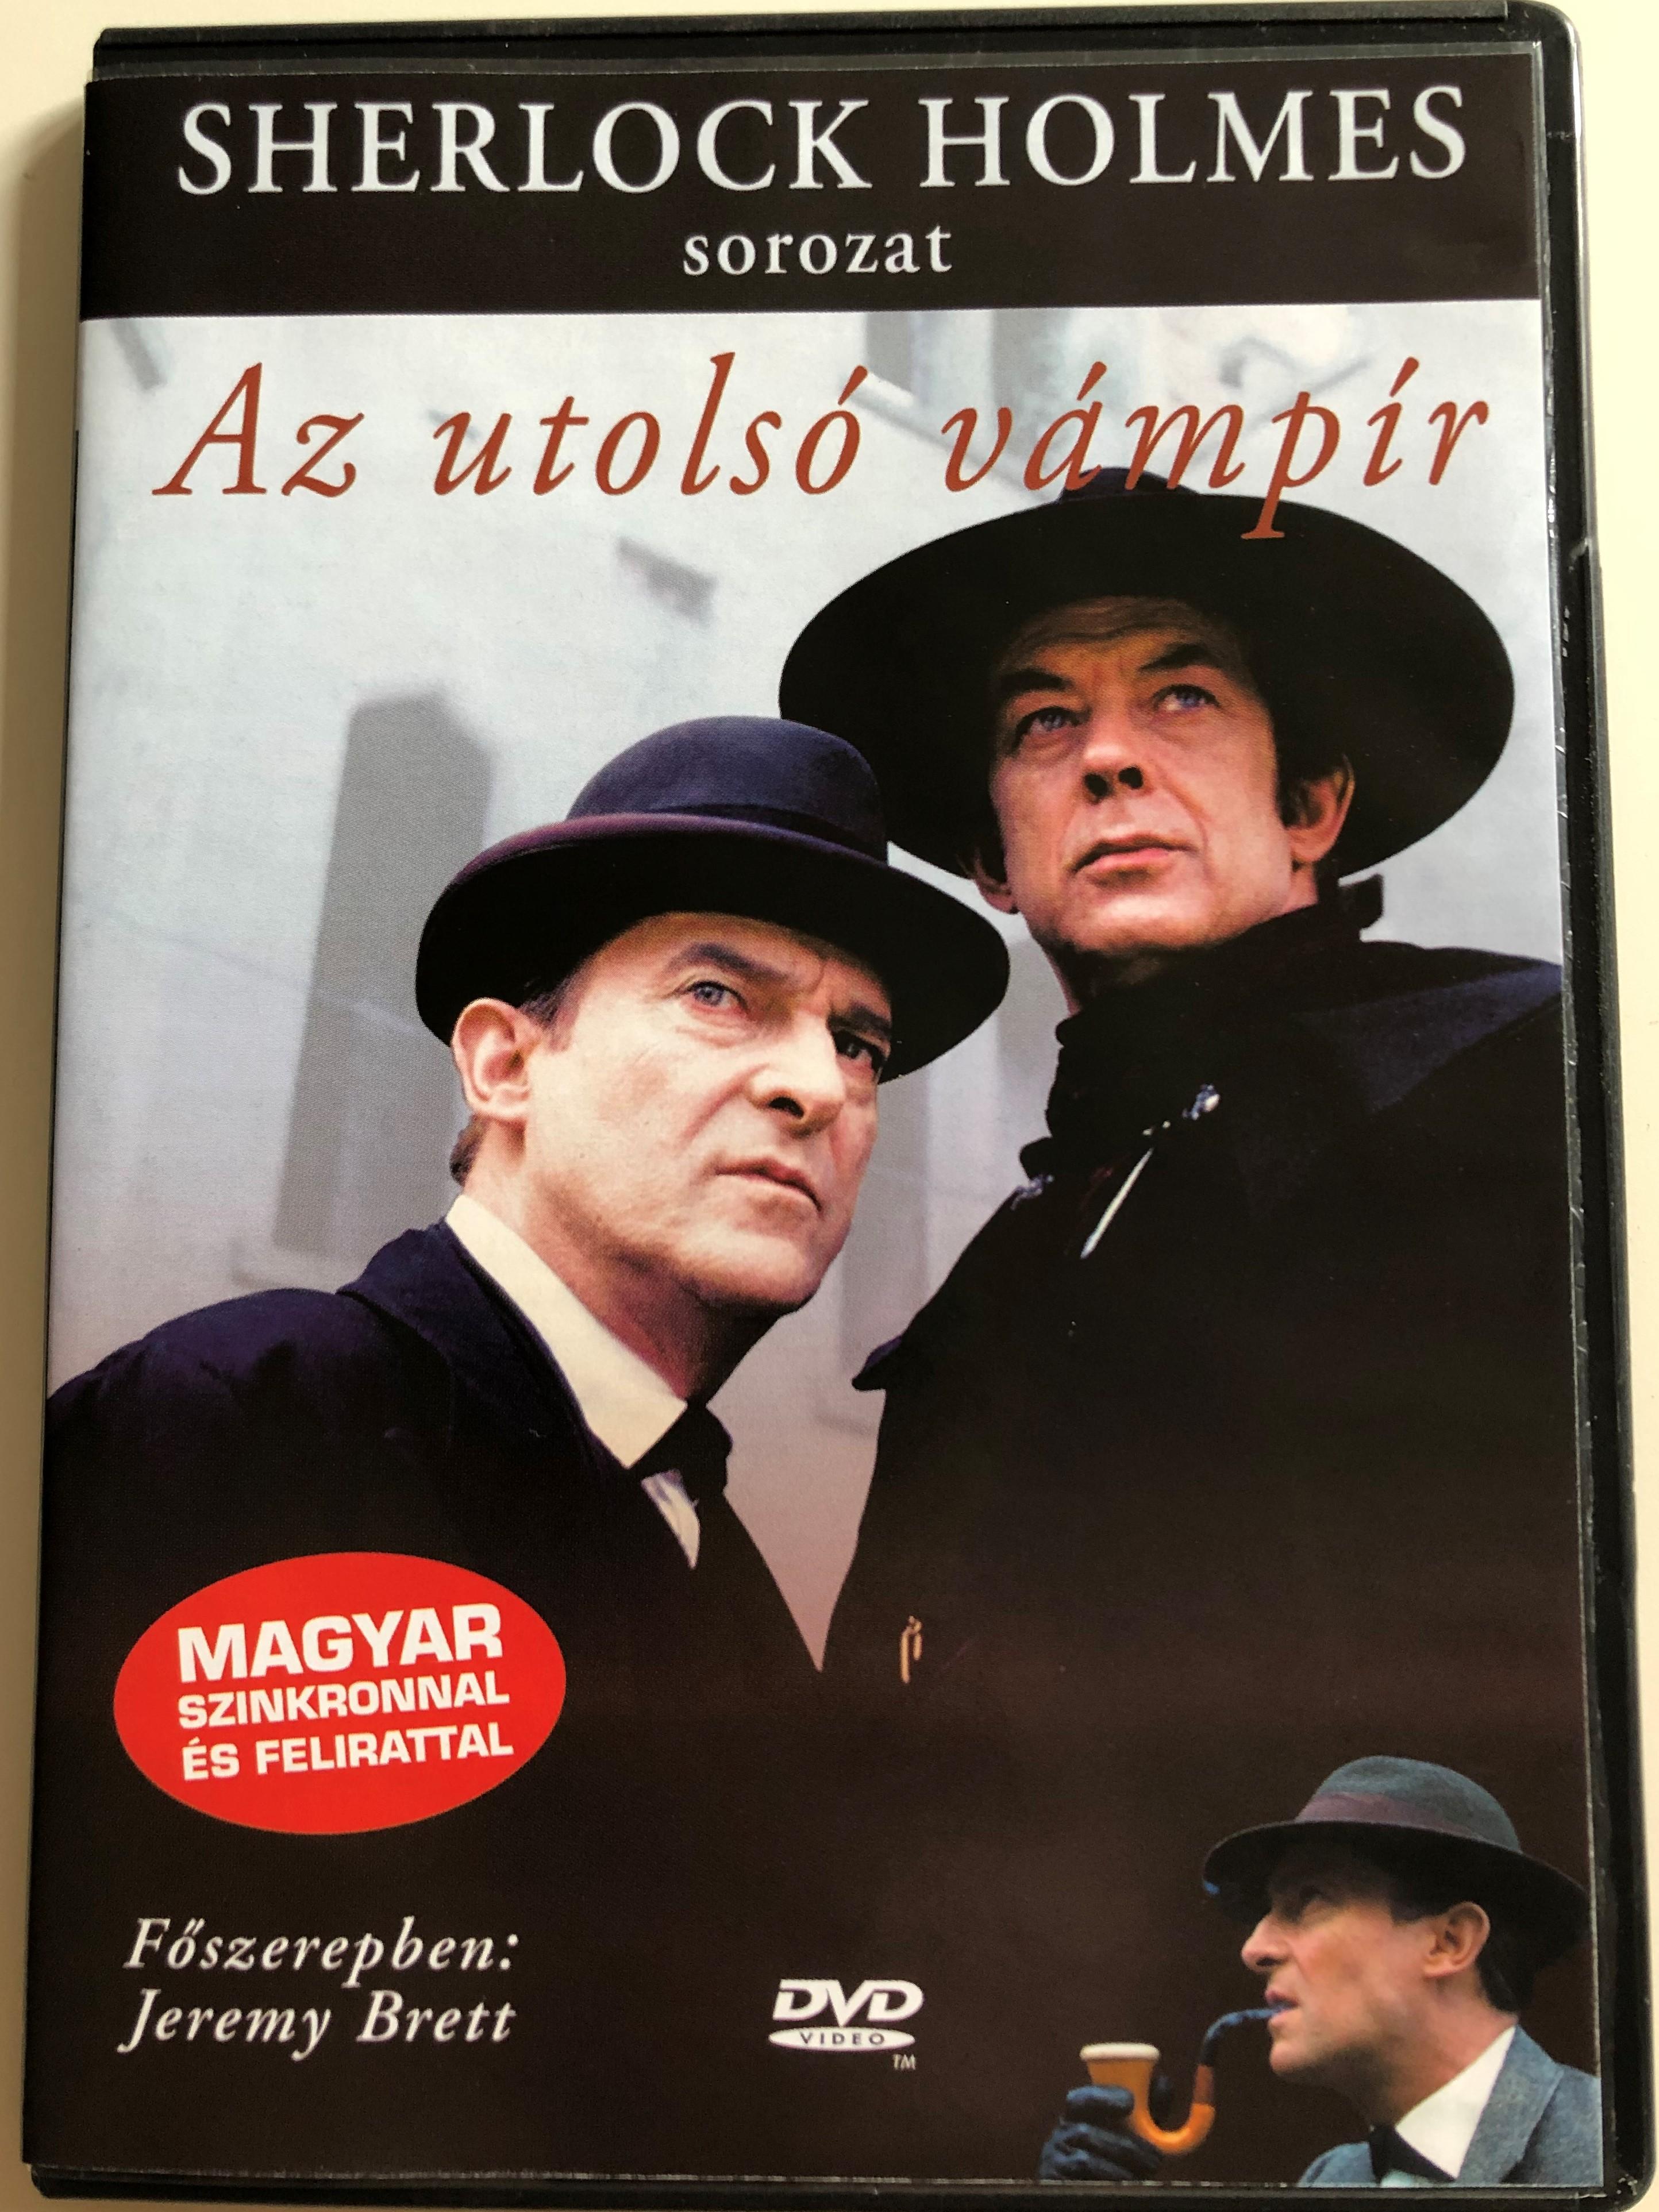 the-last-vampyre-dvd-1993-az-utols-v-mp-r-directed-by-tim-sullivan-starring-jeremy-brett-edward-hardwicke-roy-marsden-keith-barron-yolanda-vazquez-1-.jpg